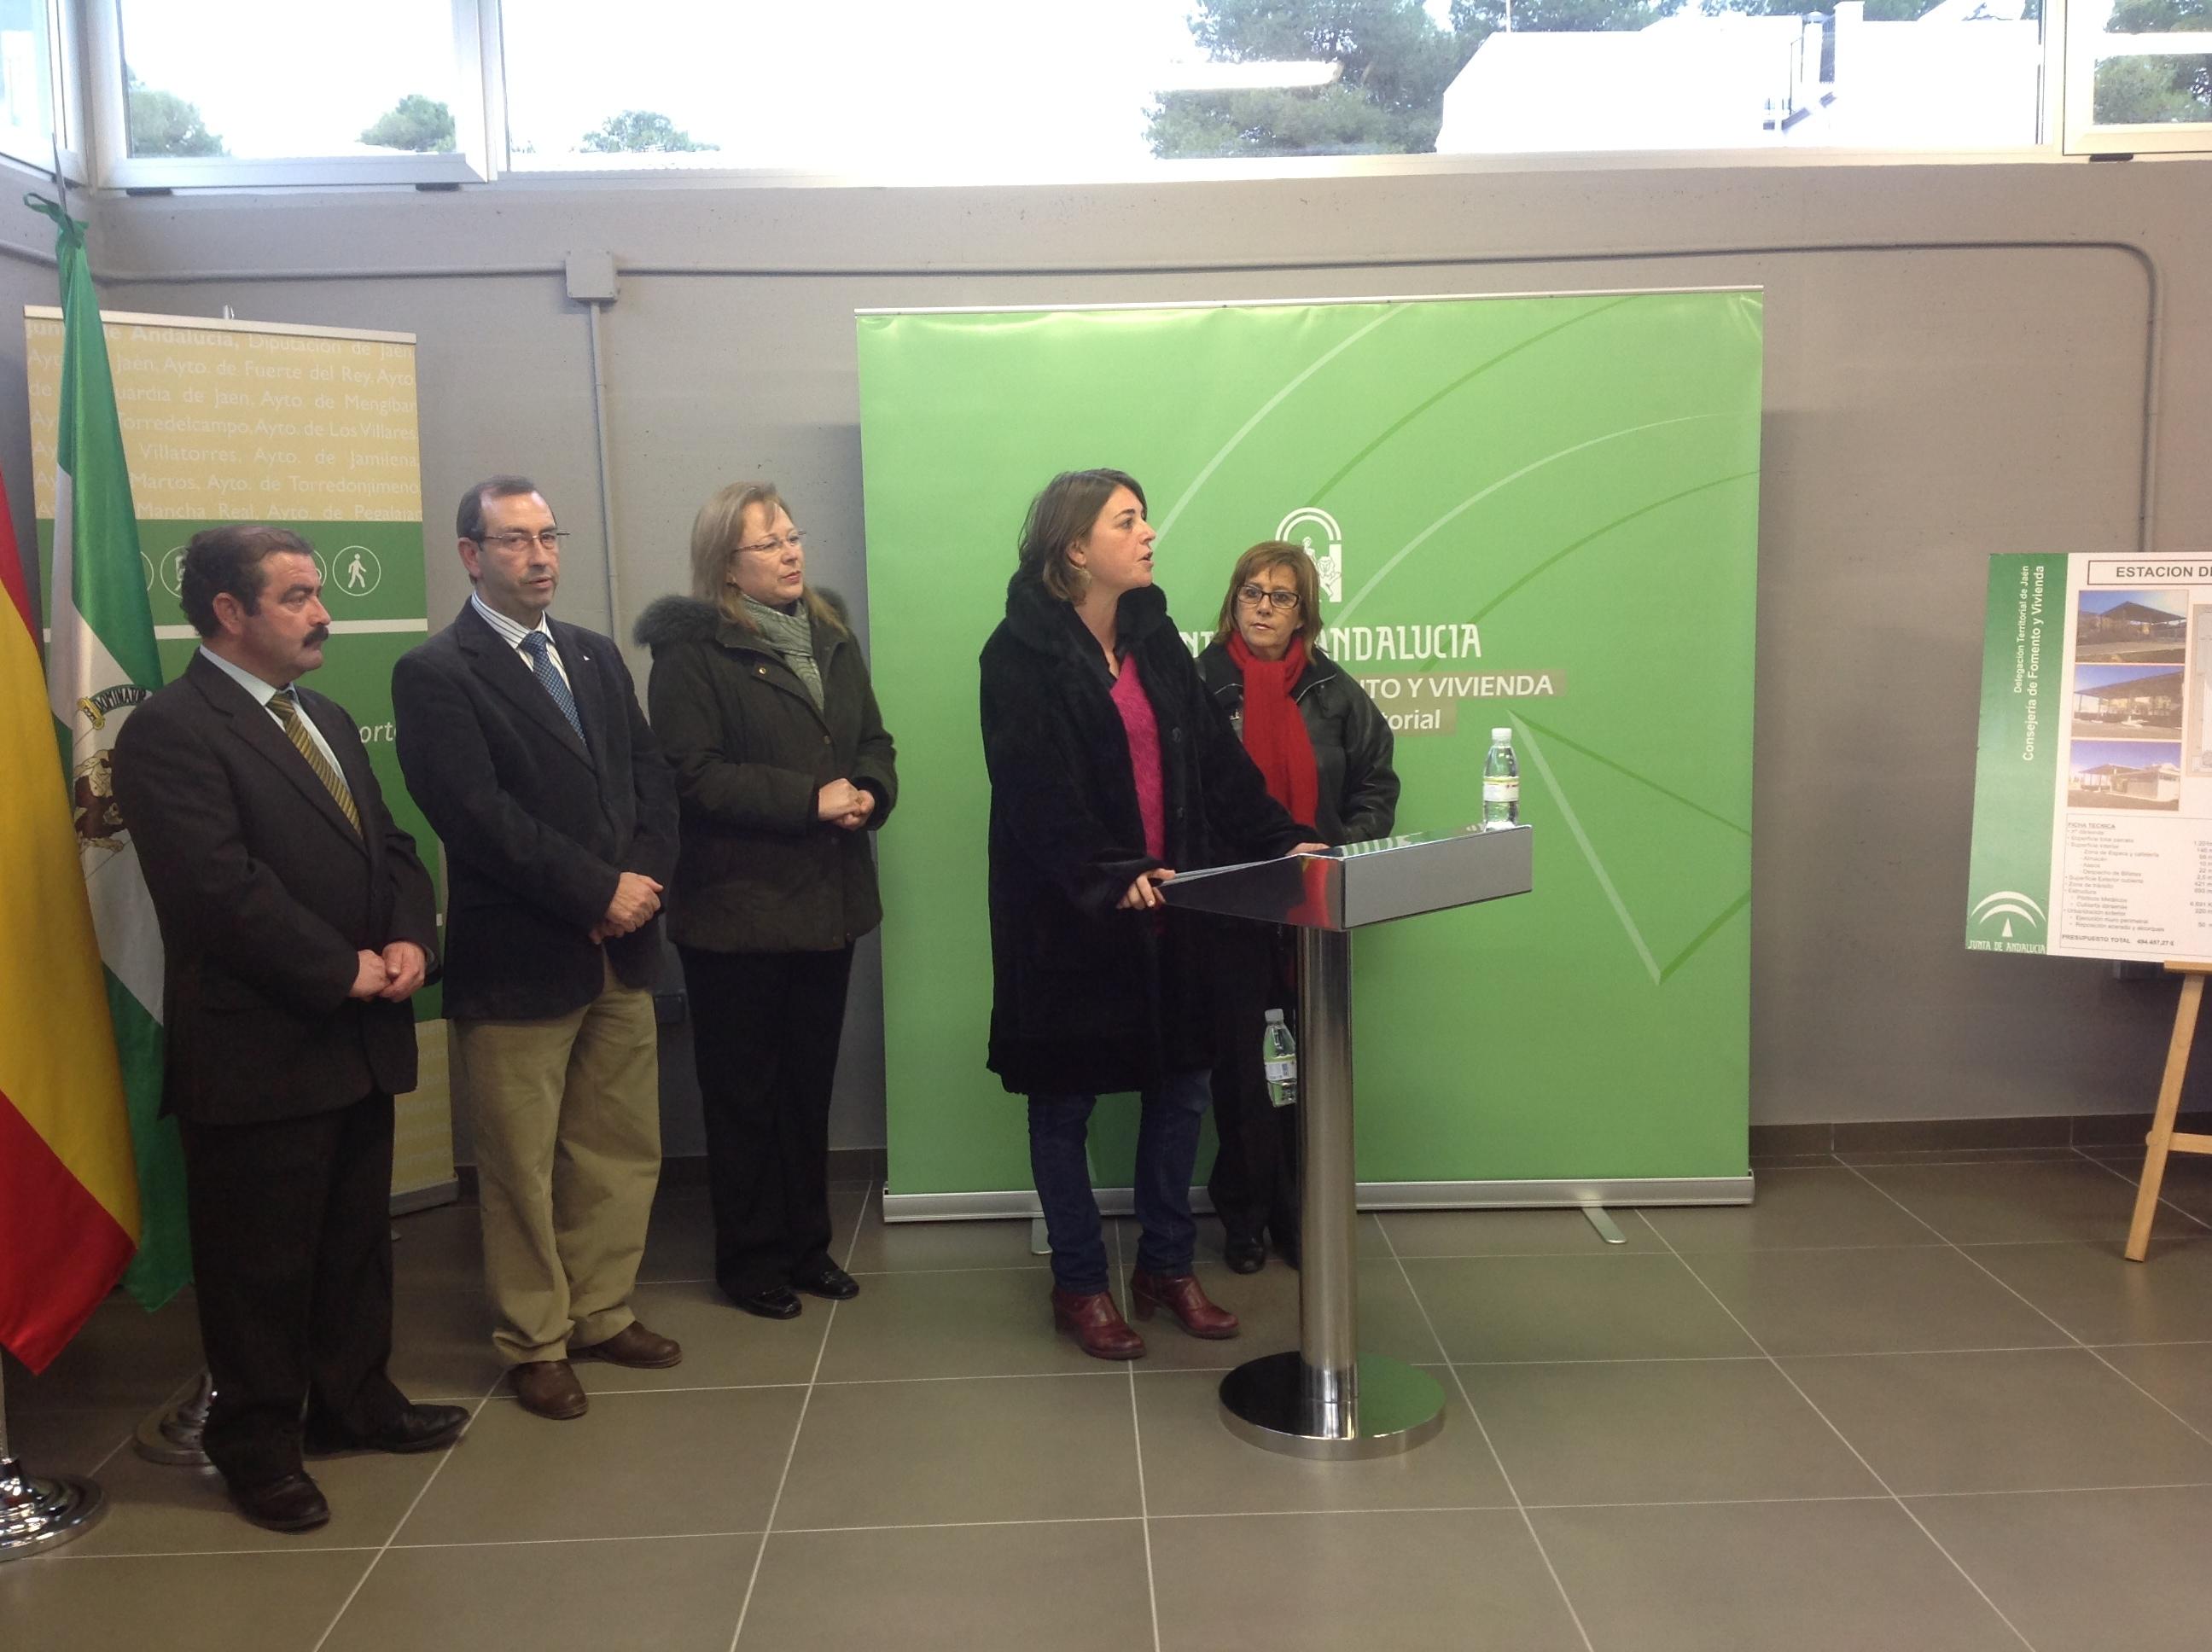 La consejera de Fomento y Vivienda, Elena Cortés, durante el acto de inauguración de la nueva estación de autobuses de Mancha Real.